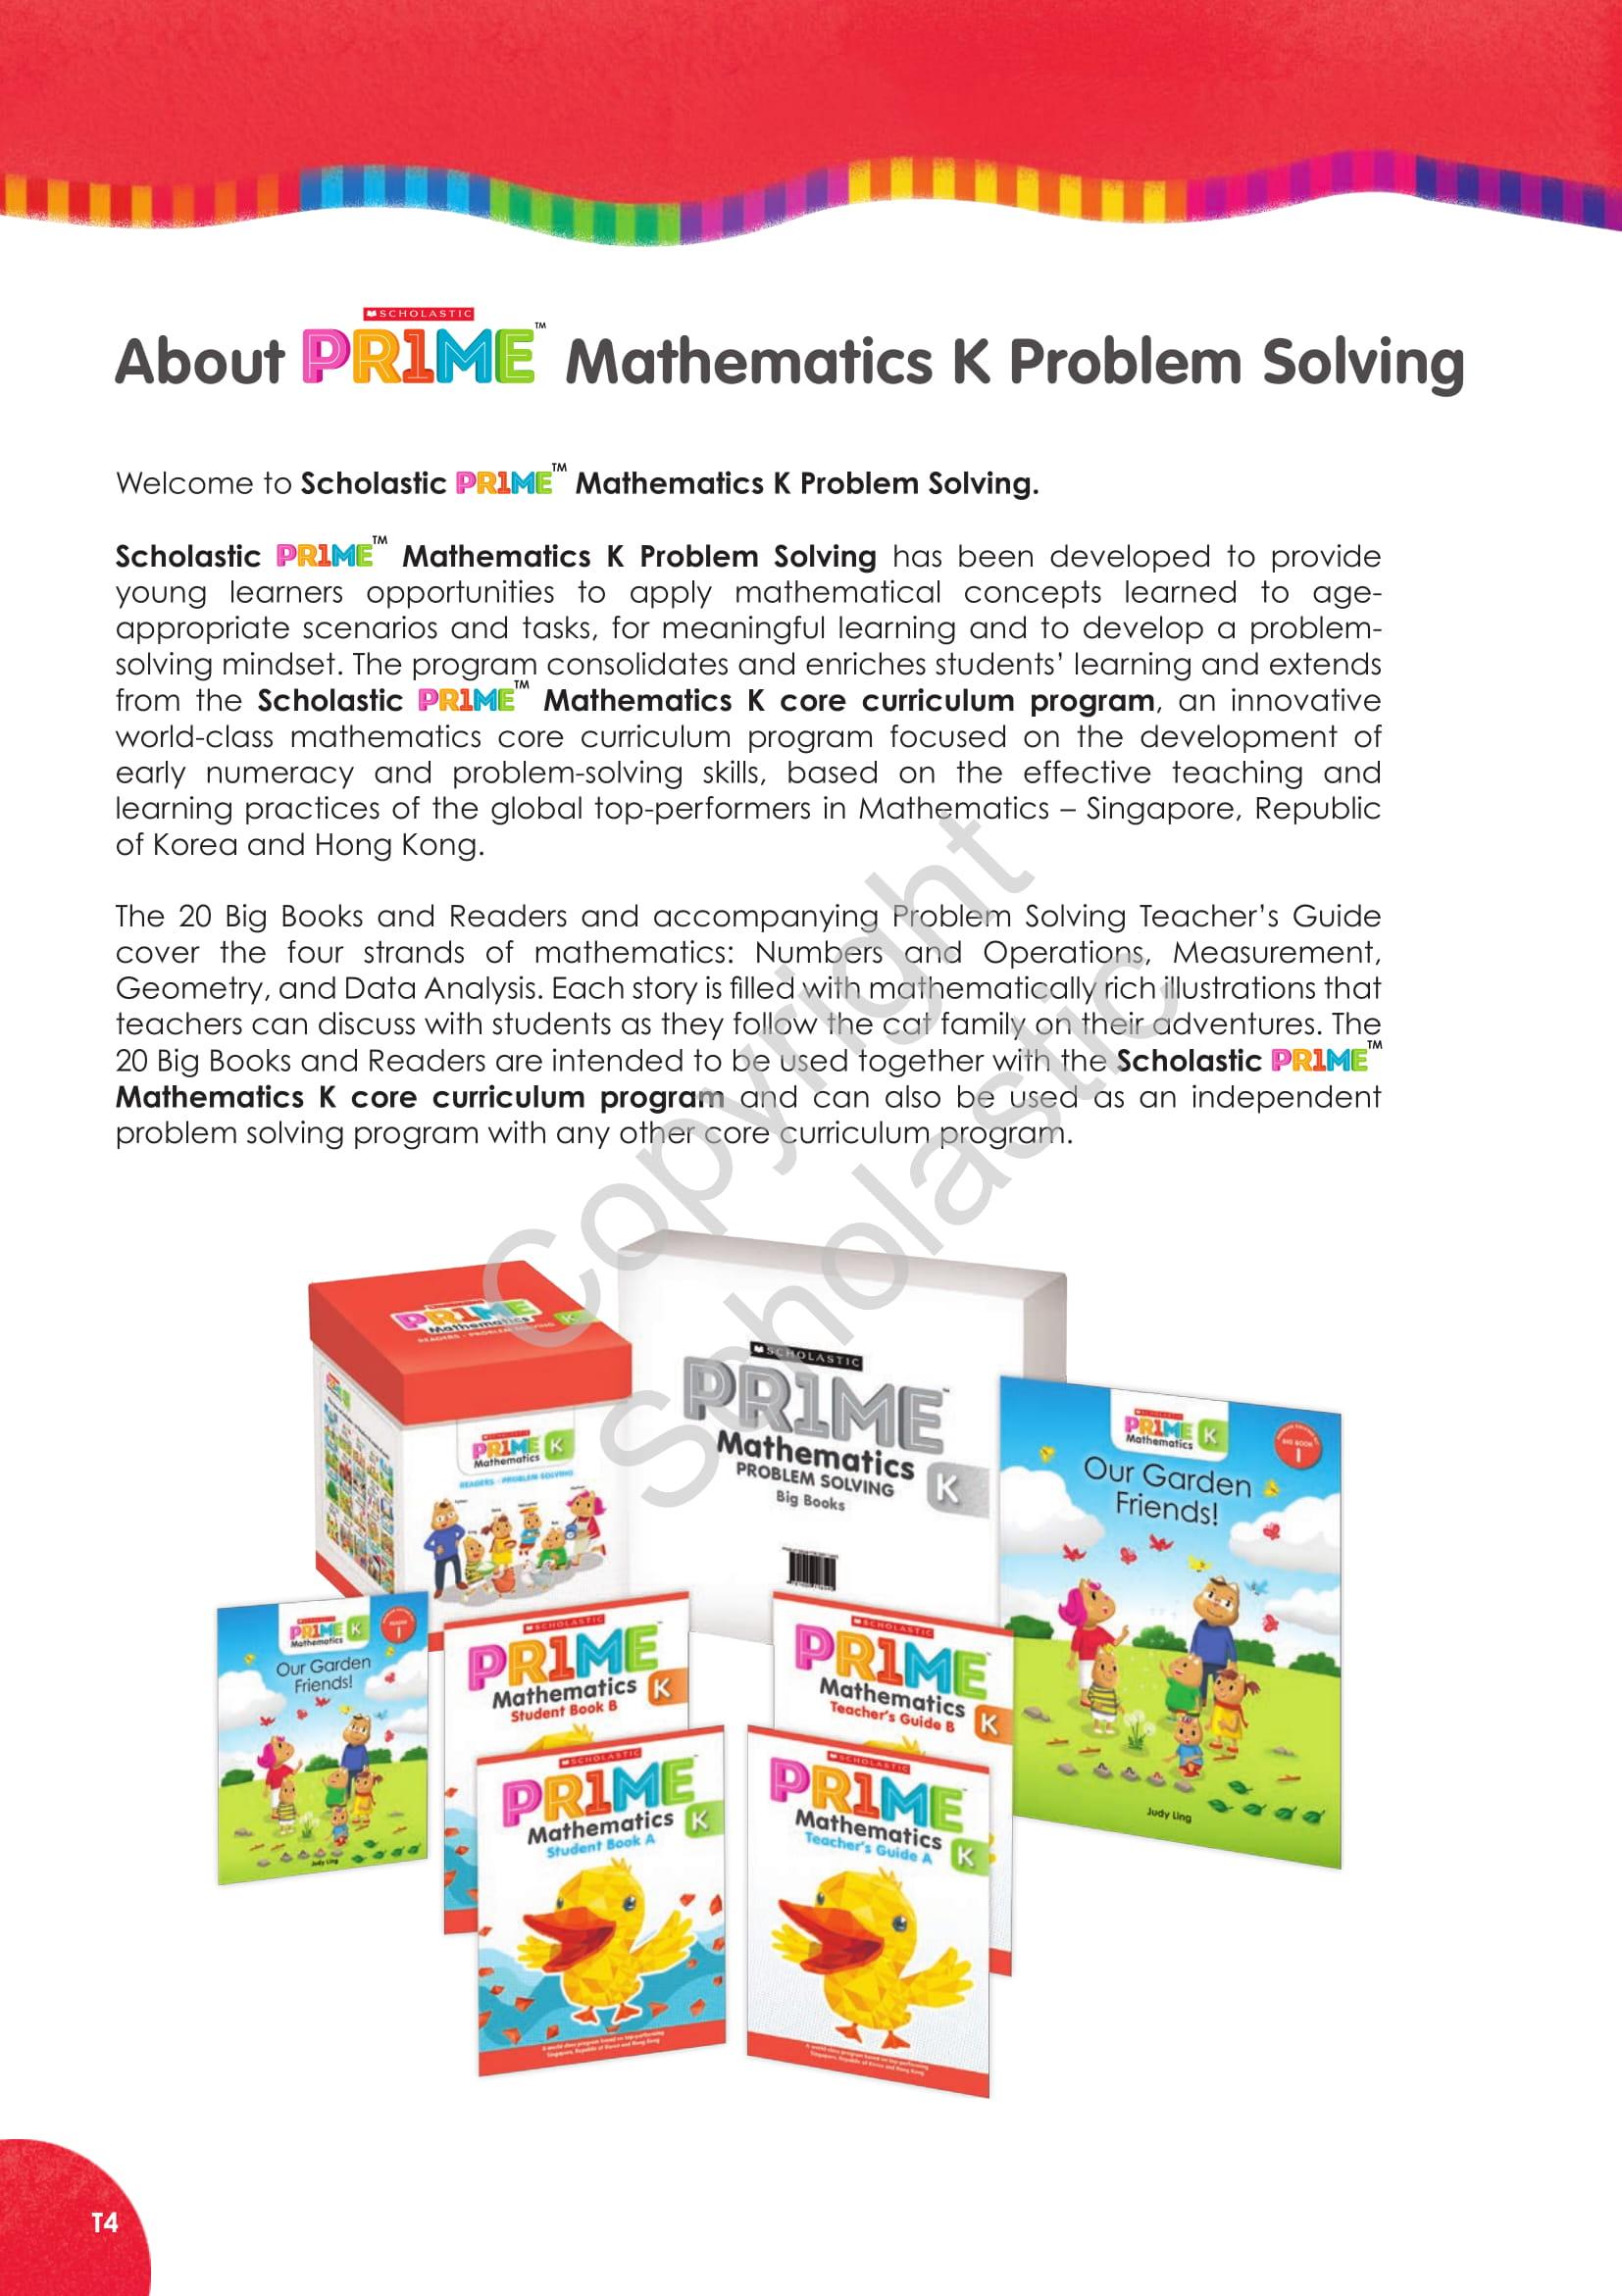 Problem Solving Kit - Teacher's Guide